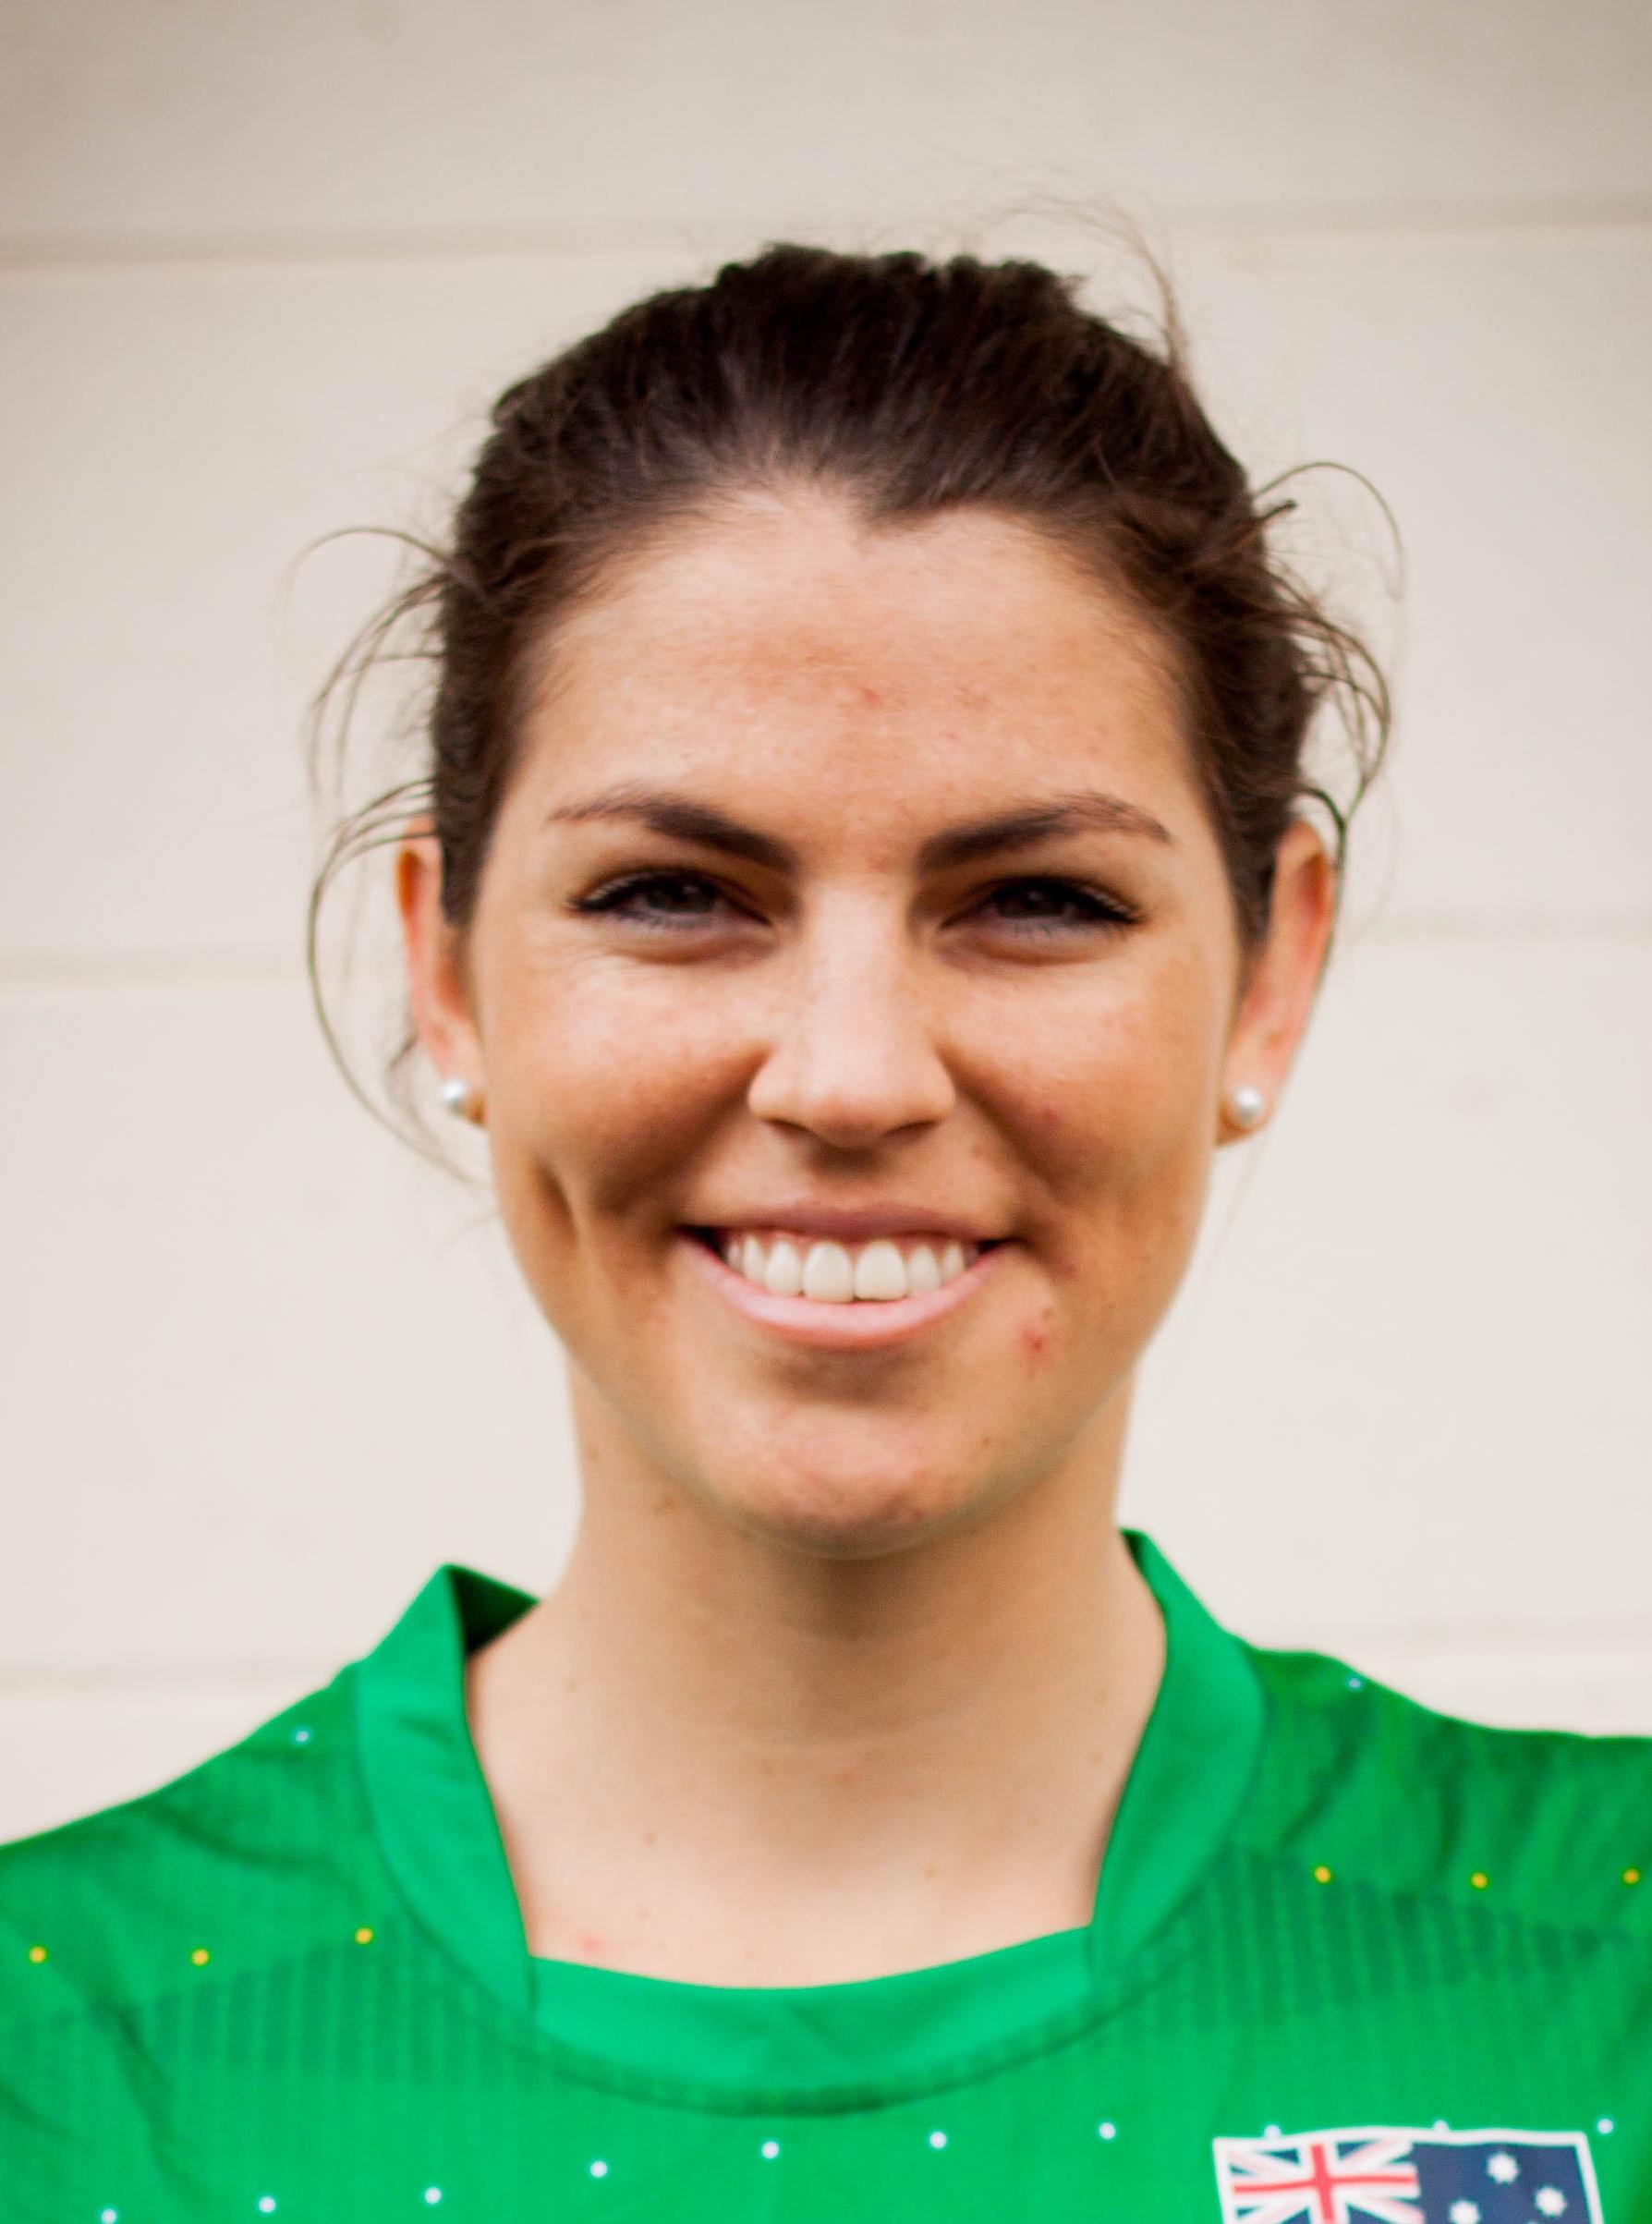 Eliza (Karley) Hynes